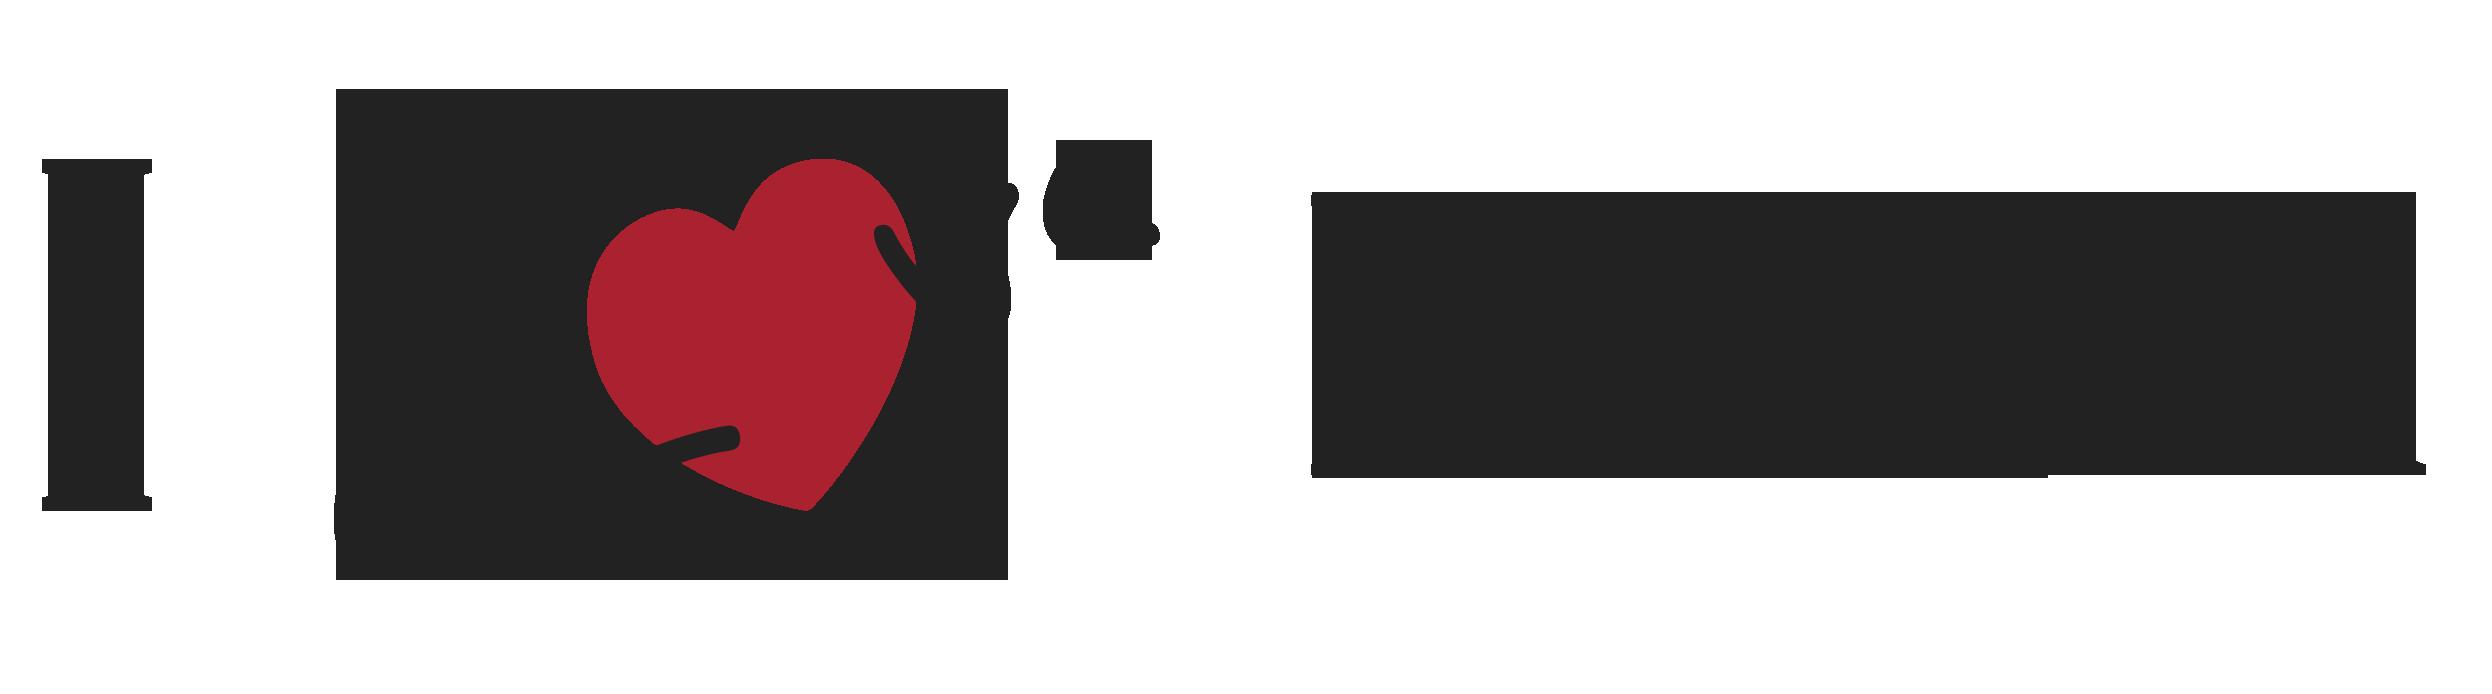 I Roma Network